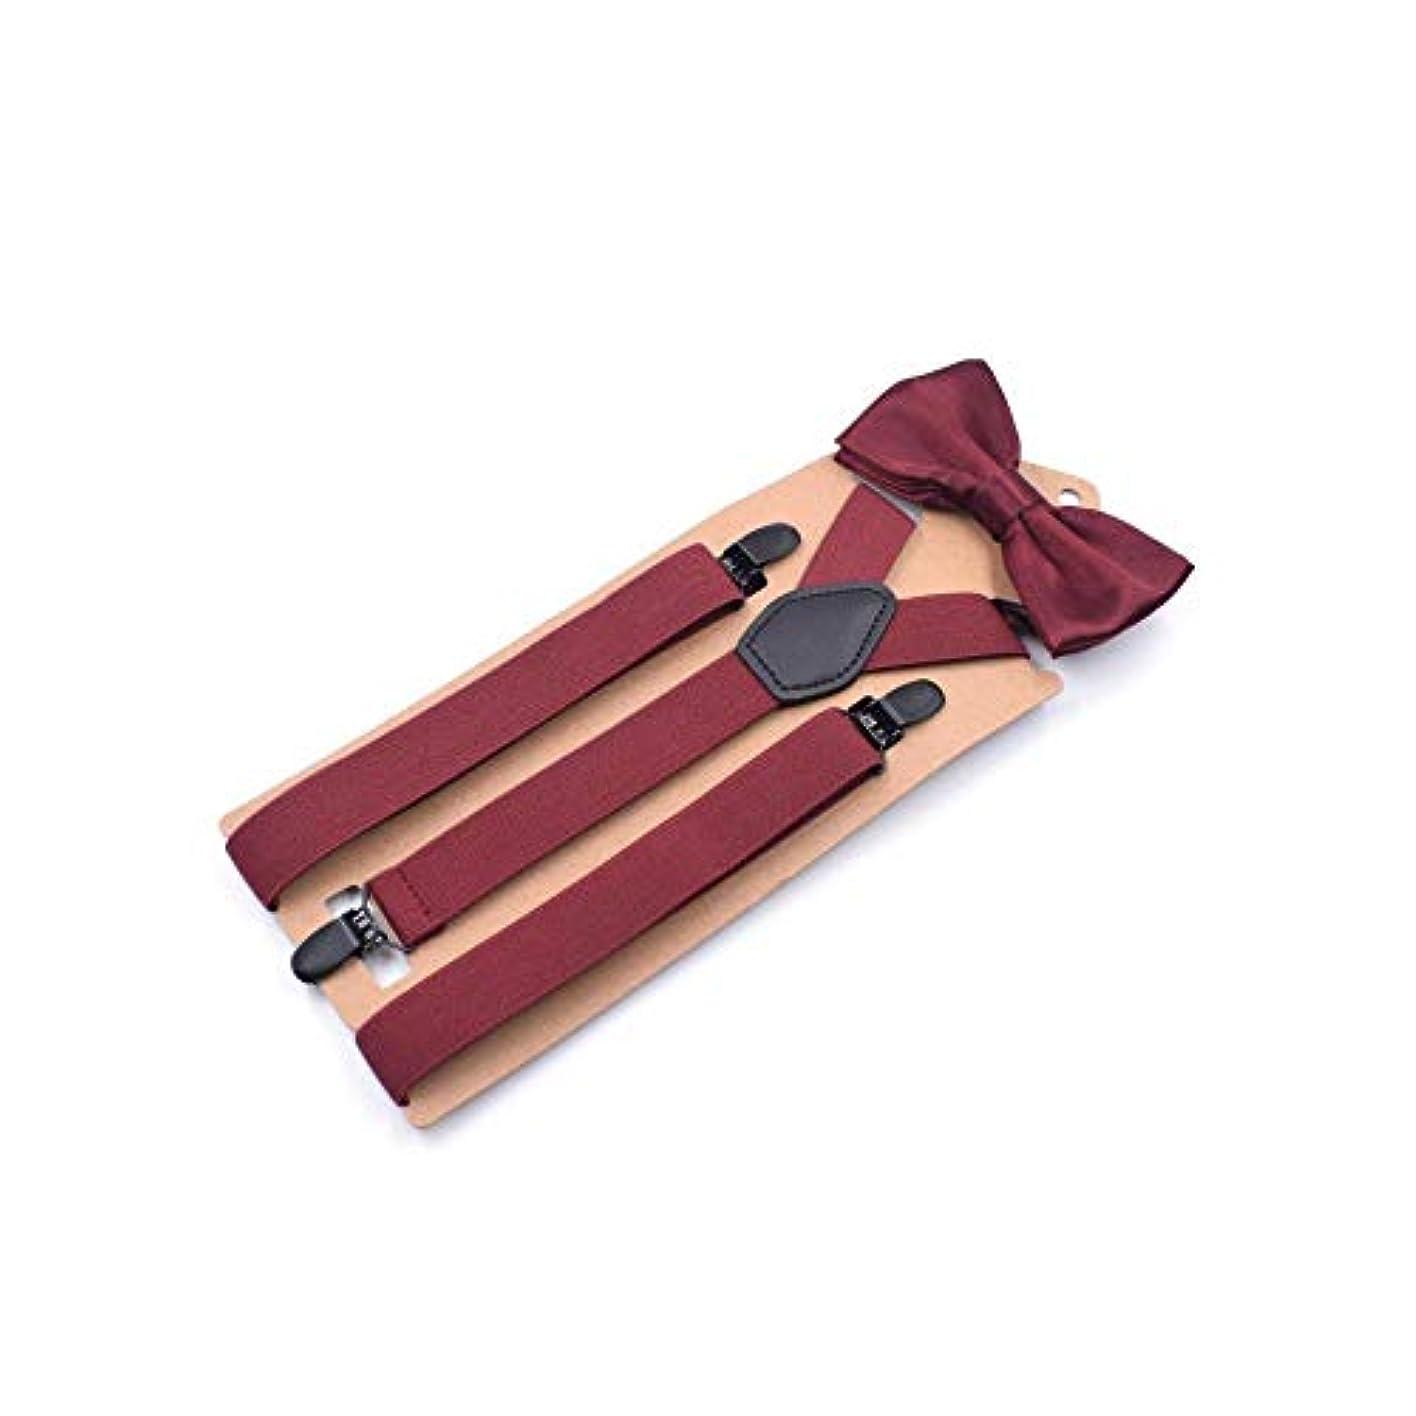 ソファー佐賀前述のY字型 大人3クリップY字型サスペンダー蝶ネクタイセット調節可能なブレース弾性ストラップセット ポリエステル+弾性